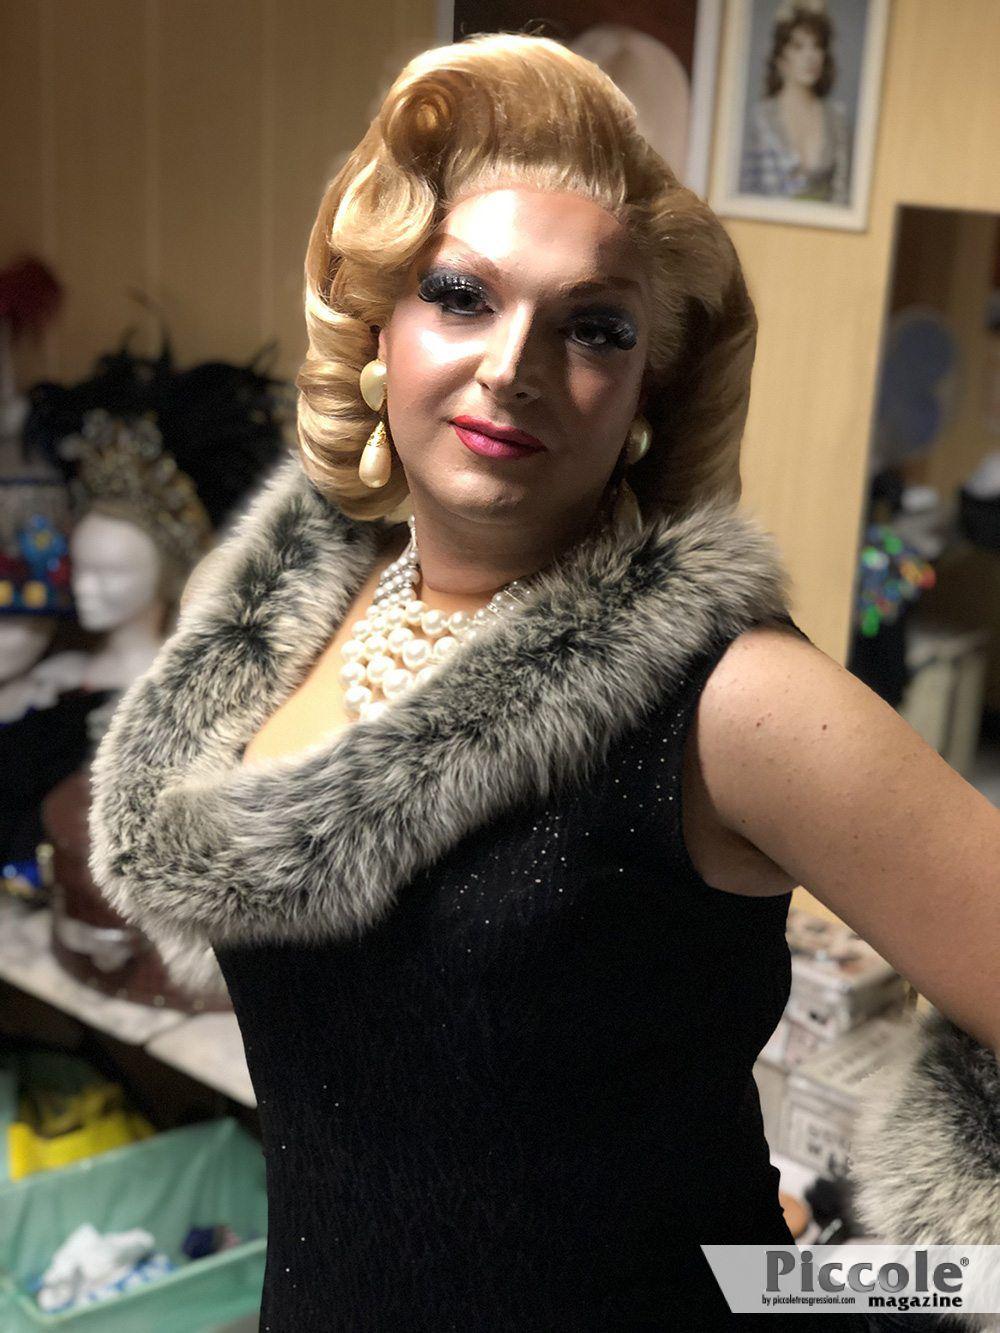 """Intervista a Madame Pride: """"mangia glitter a colazione e splenderai tutto il giorno!"""""""